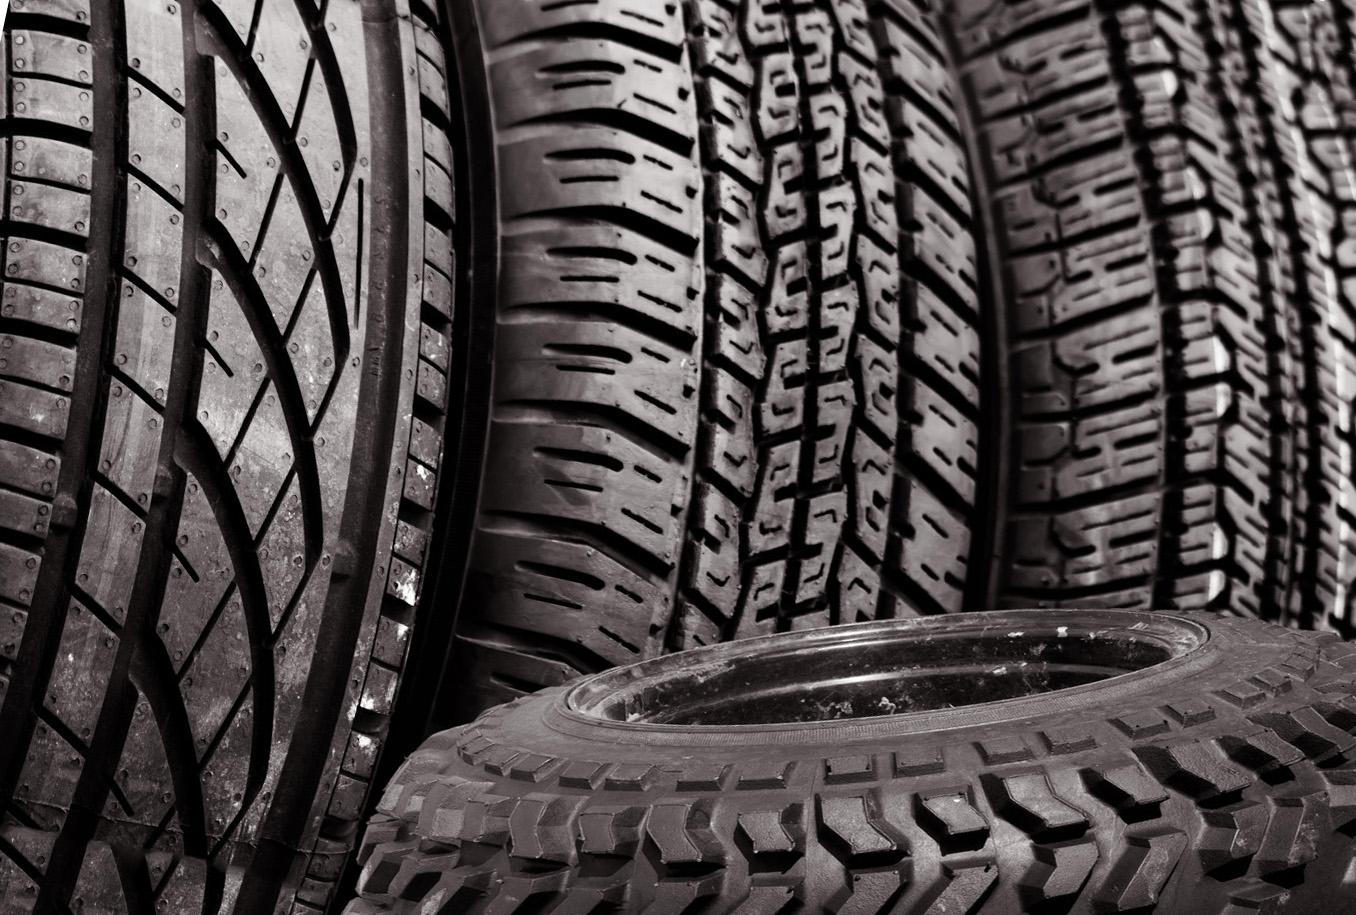 Шины. Конструкция, эксплуатация, классификация и обозначение автомобильных шин